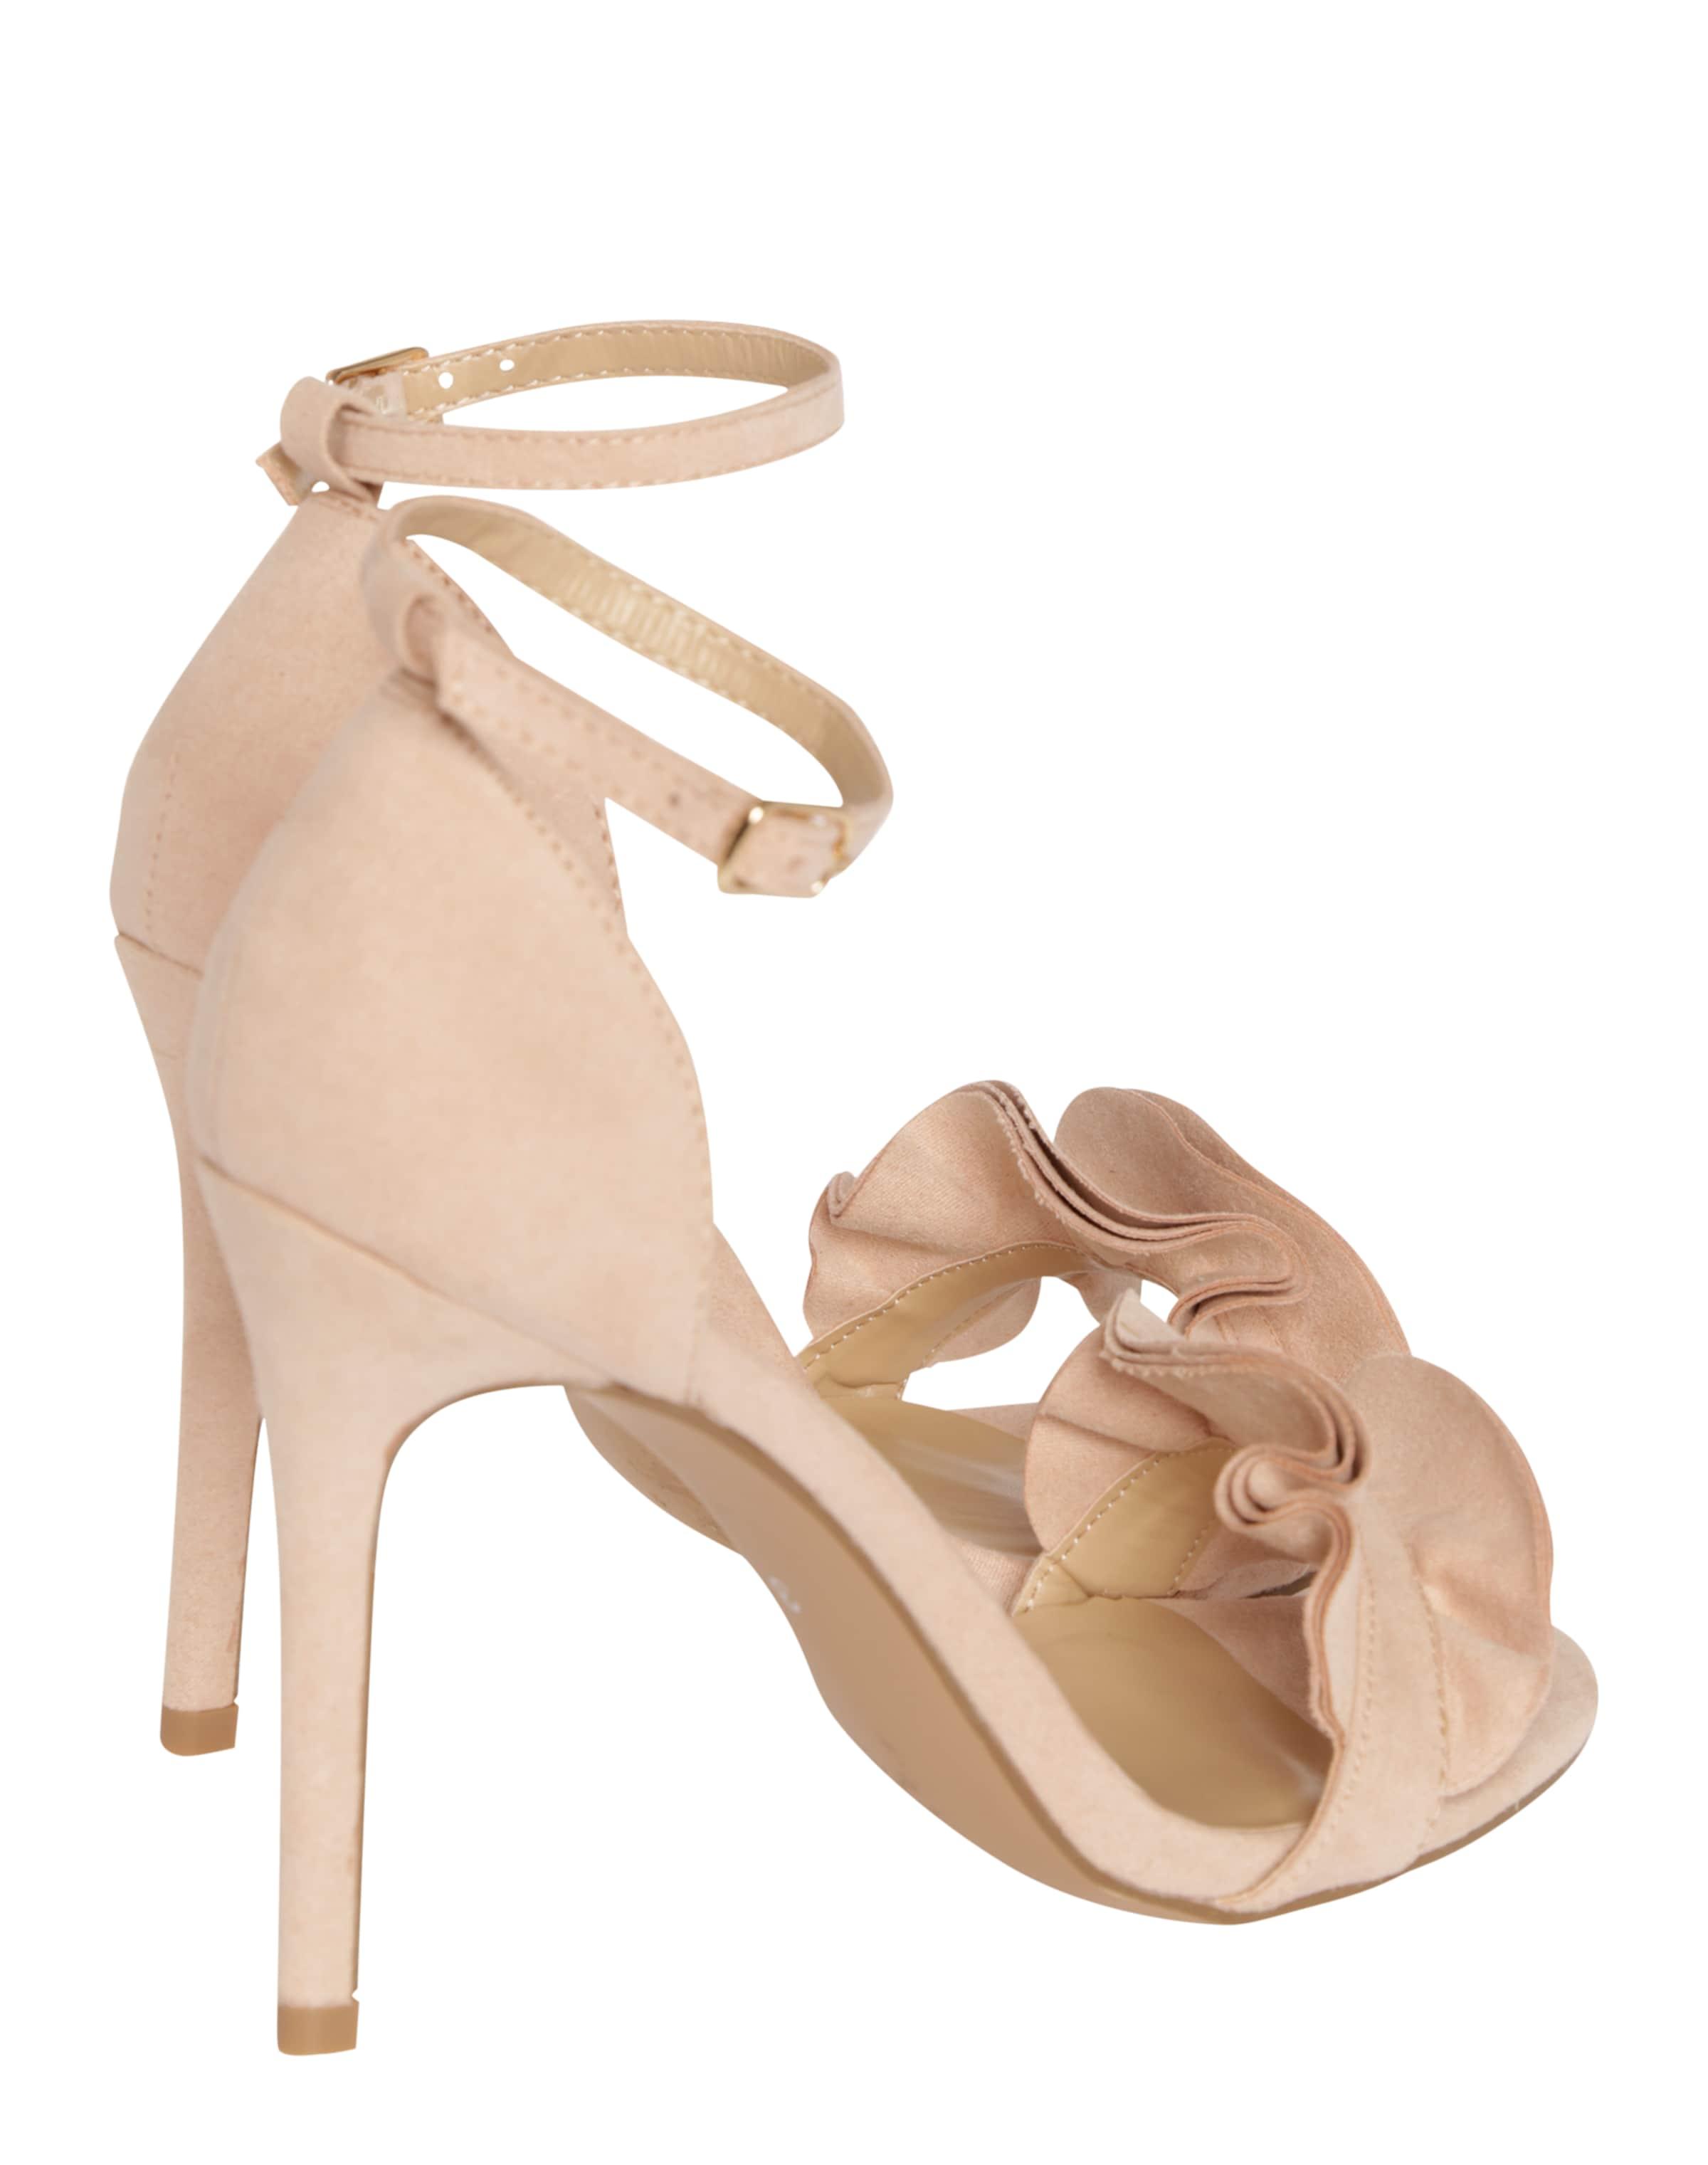 Auslass Der Billigsten Dorothy Perkins High Heel-Sandalette 'Sway' Steckdose Modische Die Günstigste Zum Verkauf Günstiger Preis Großhandelspreis 5rM1N